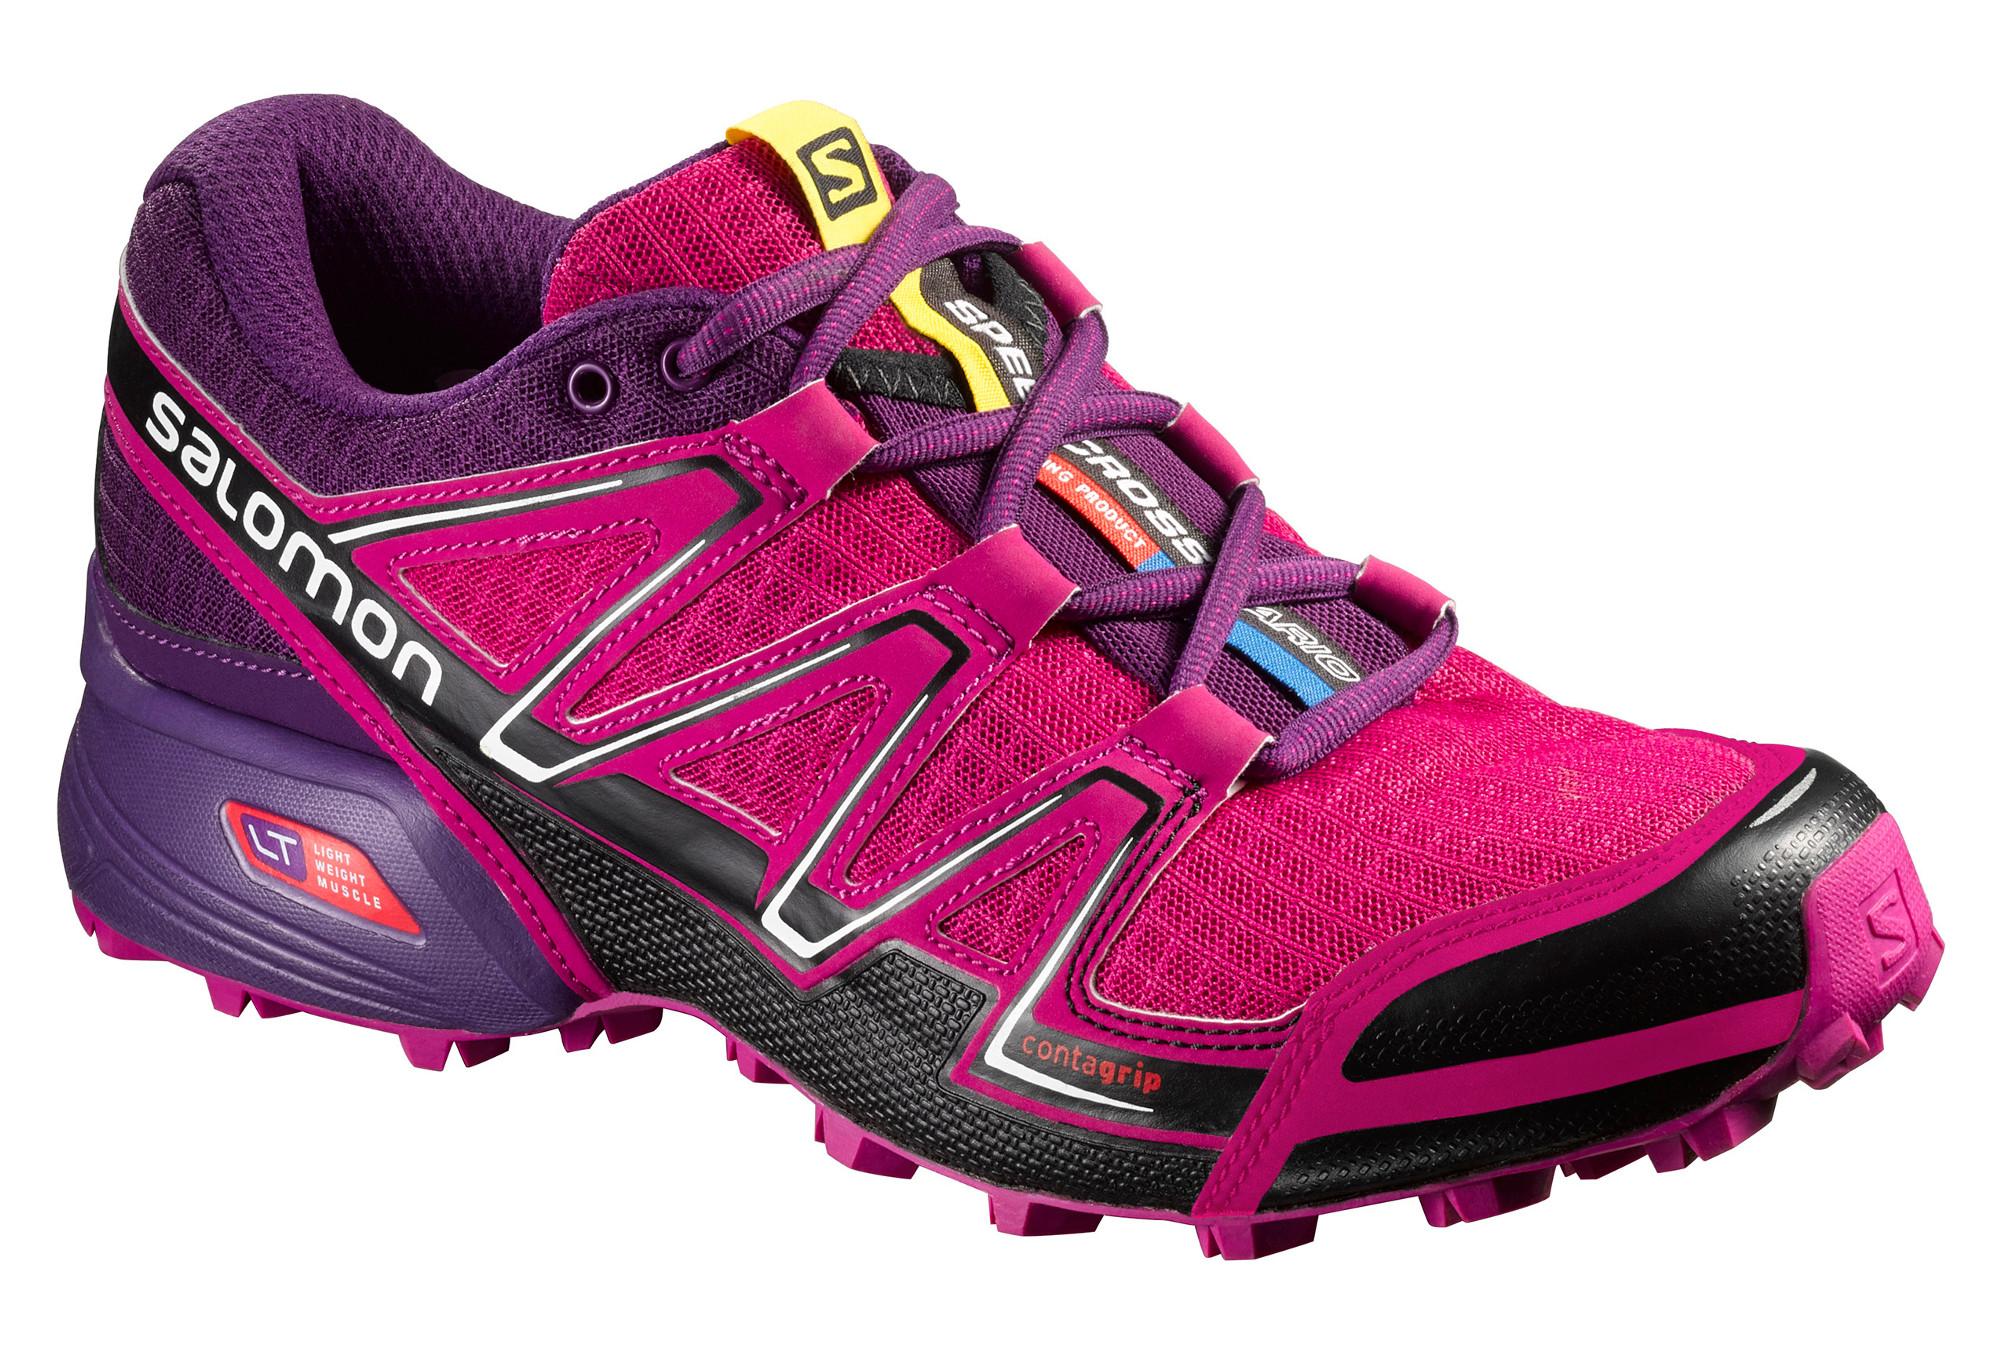 Vario Trail Chaussures De Rose Violet Speedcross Salomon Femme x5wXwqnFHg